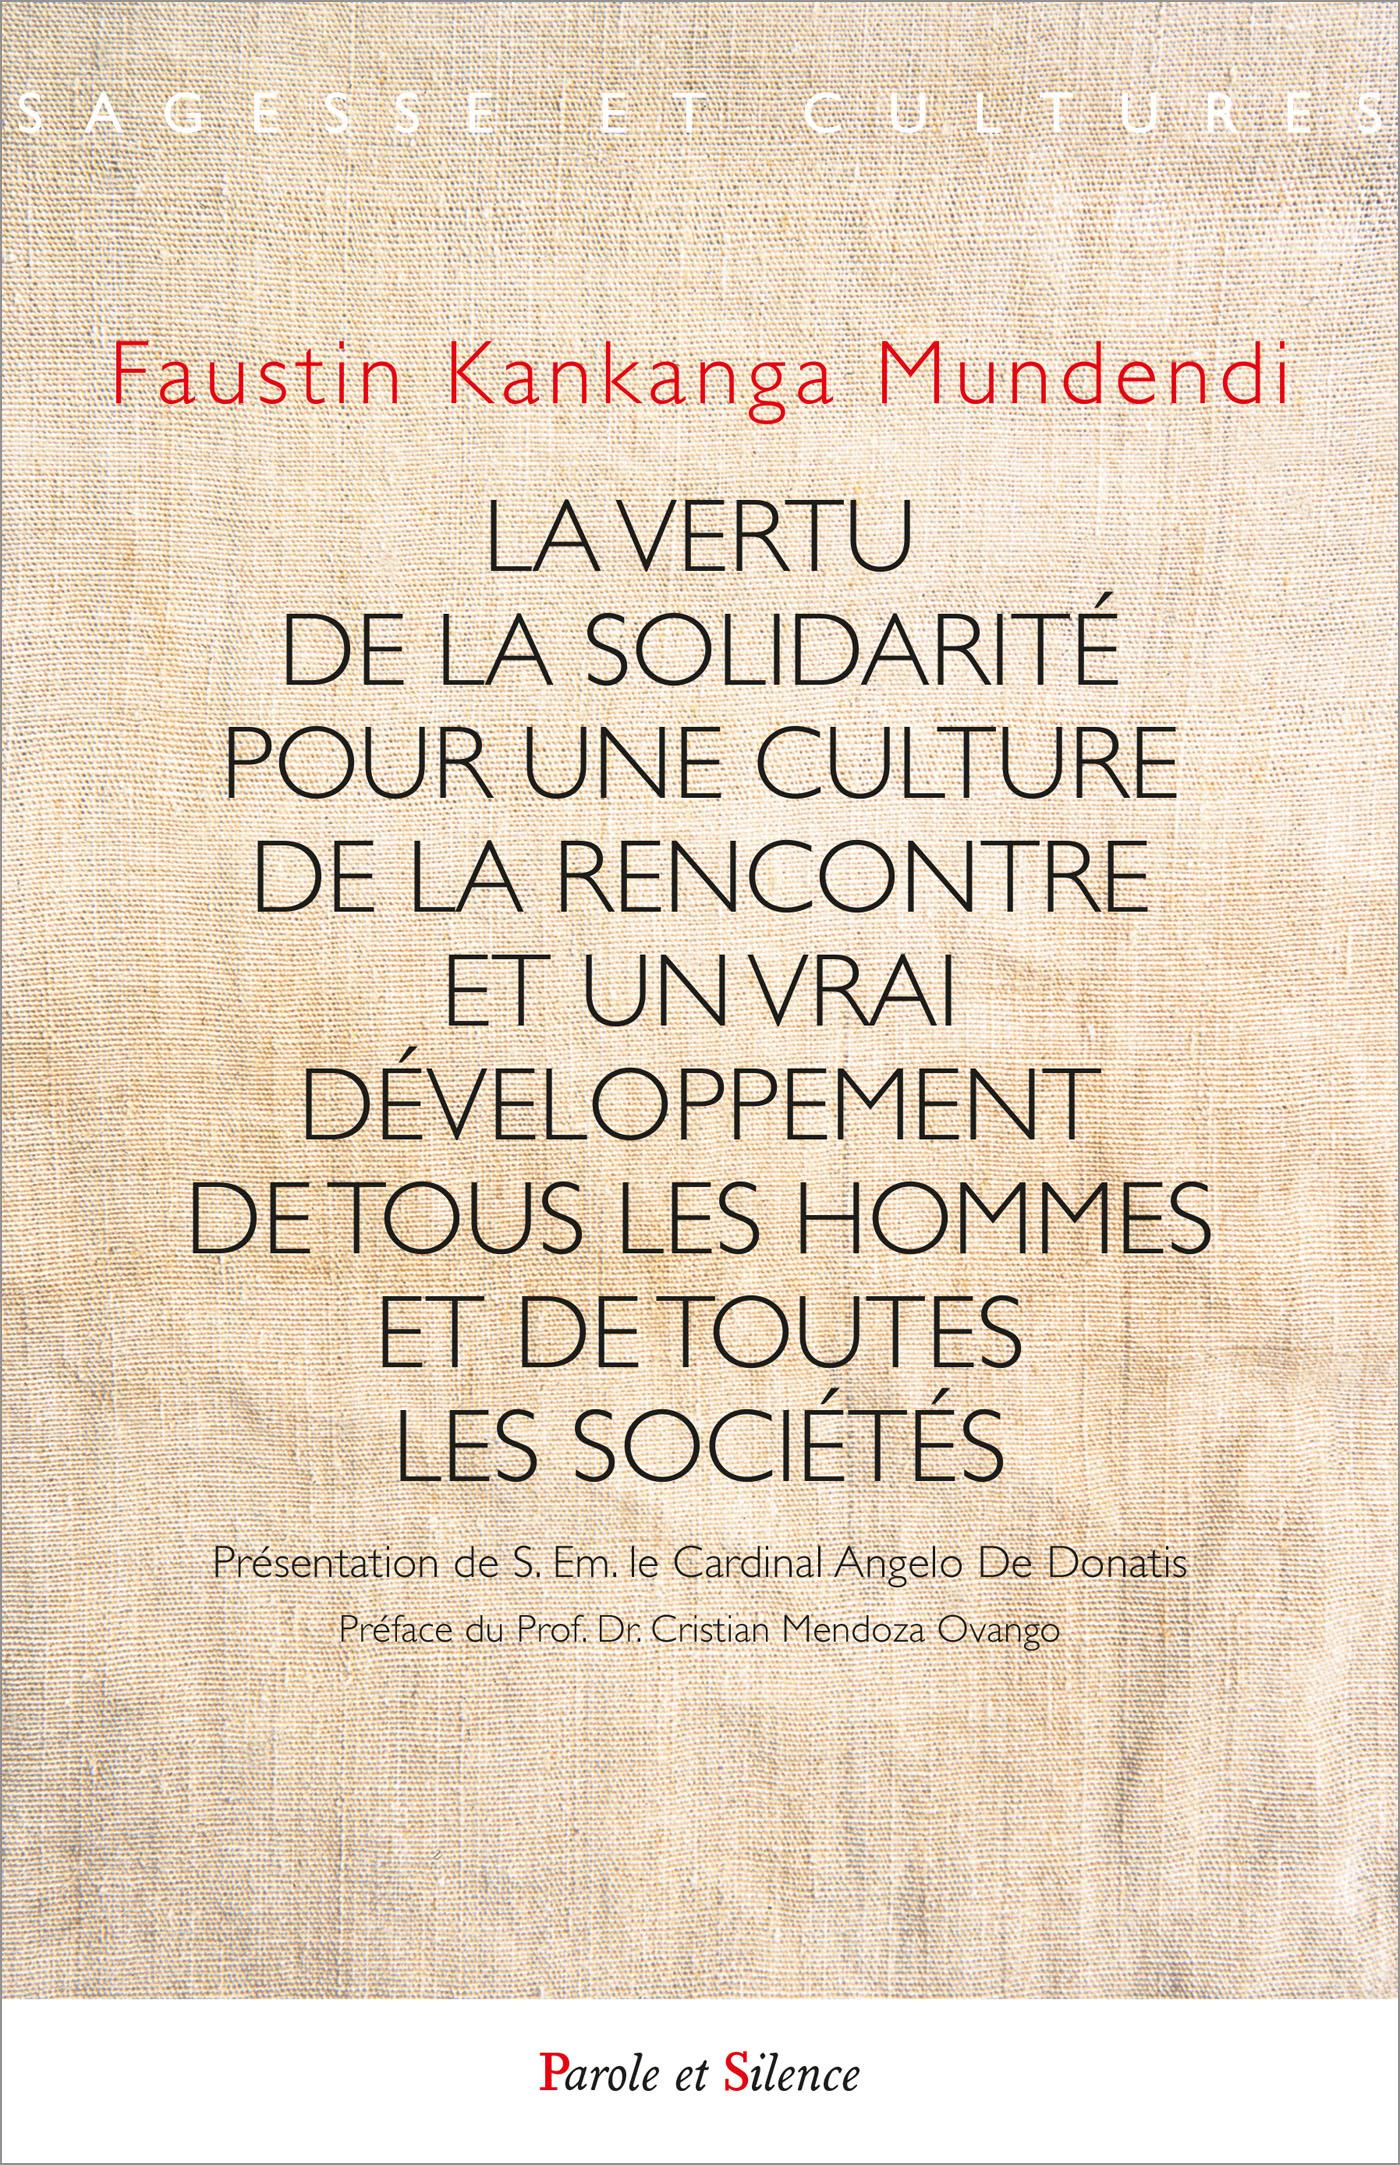 La vertu de la solidarite pour une culture de la rencontre et un vrai développement de tous les hommes et de toutes les sociétés